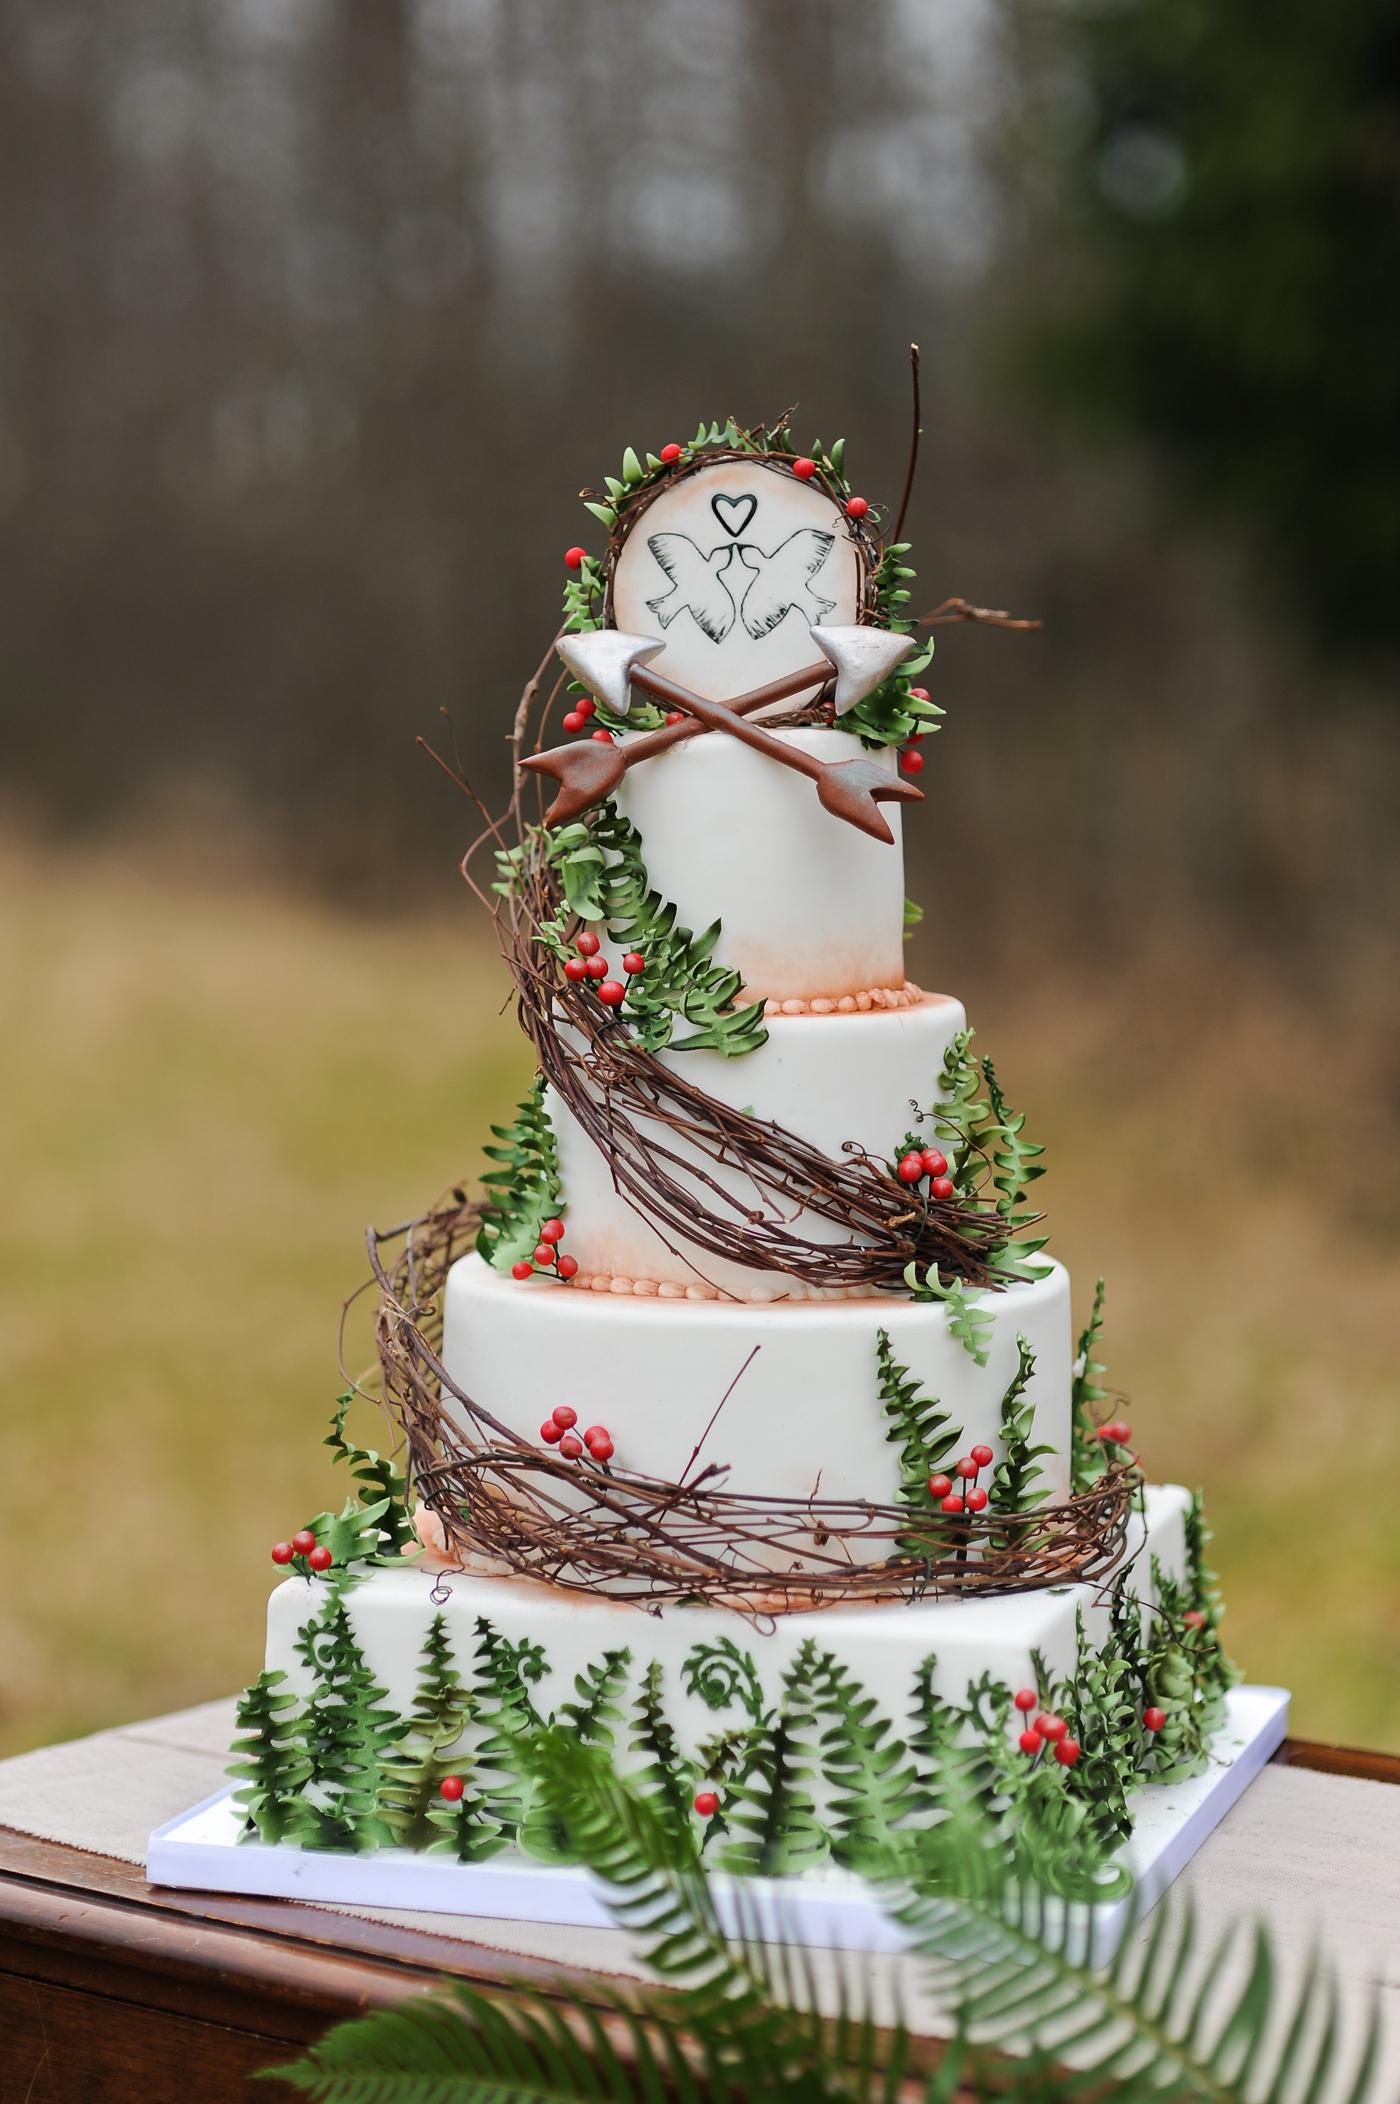 Hunger Games-themed wedding cake